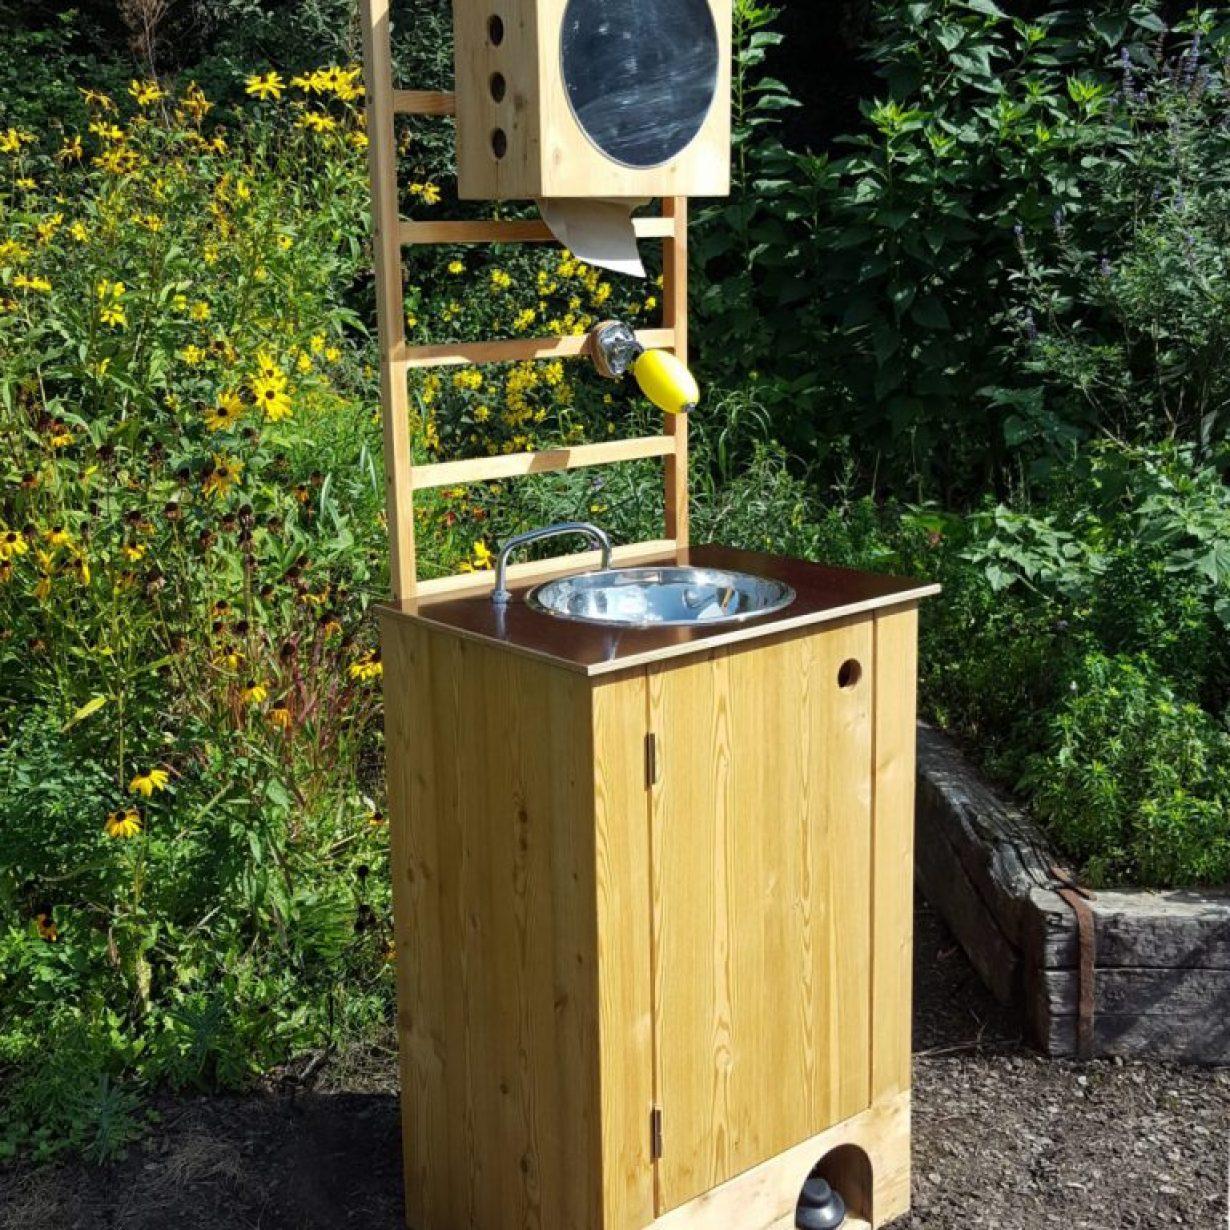 nowato Handwaschbecken